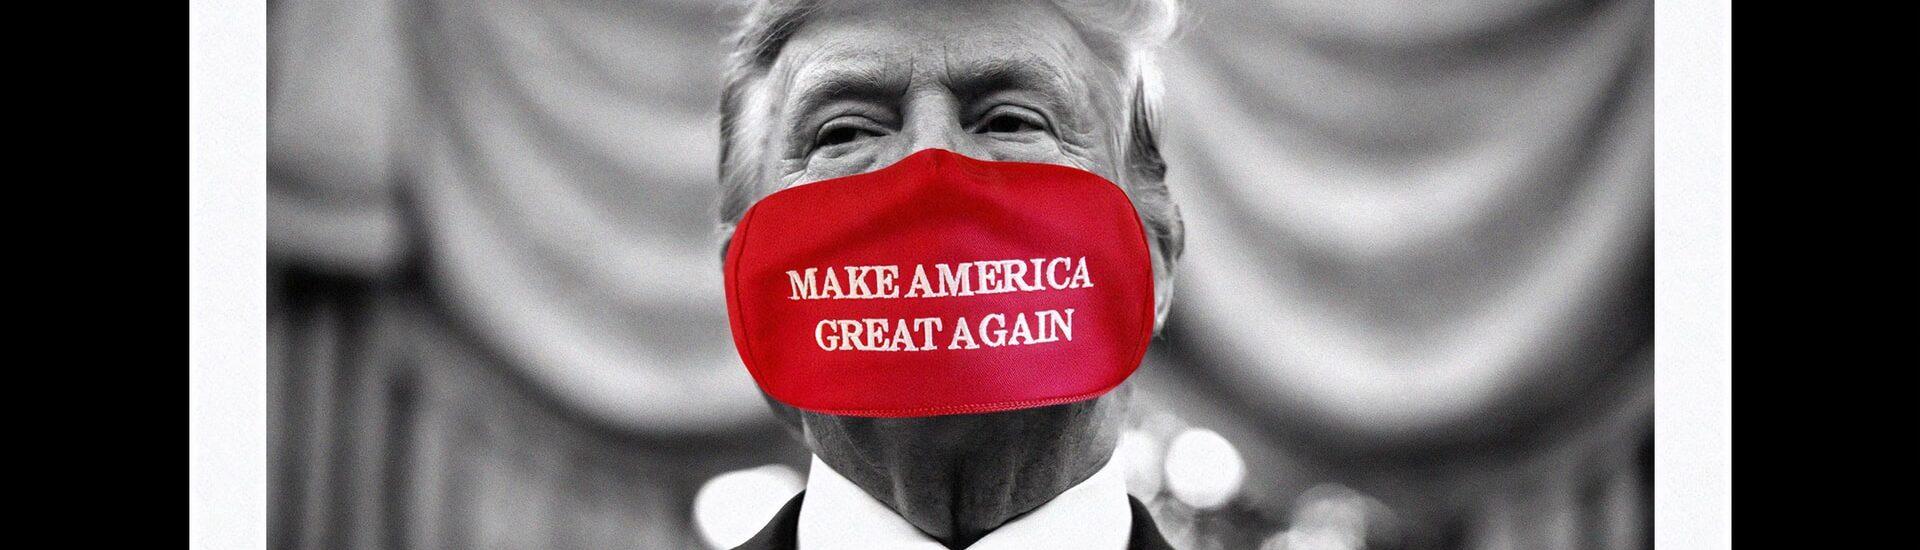 ΗΠΑ: Πανδημία, εκλογές, ταχυδρομείο & ψηφοφορία δι' αλληλογραφίας